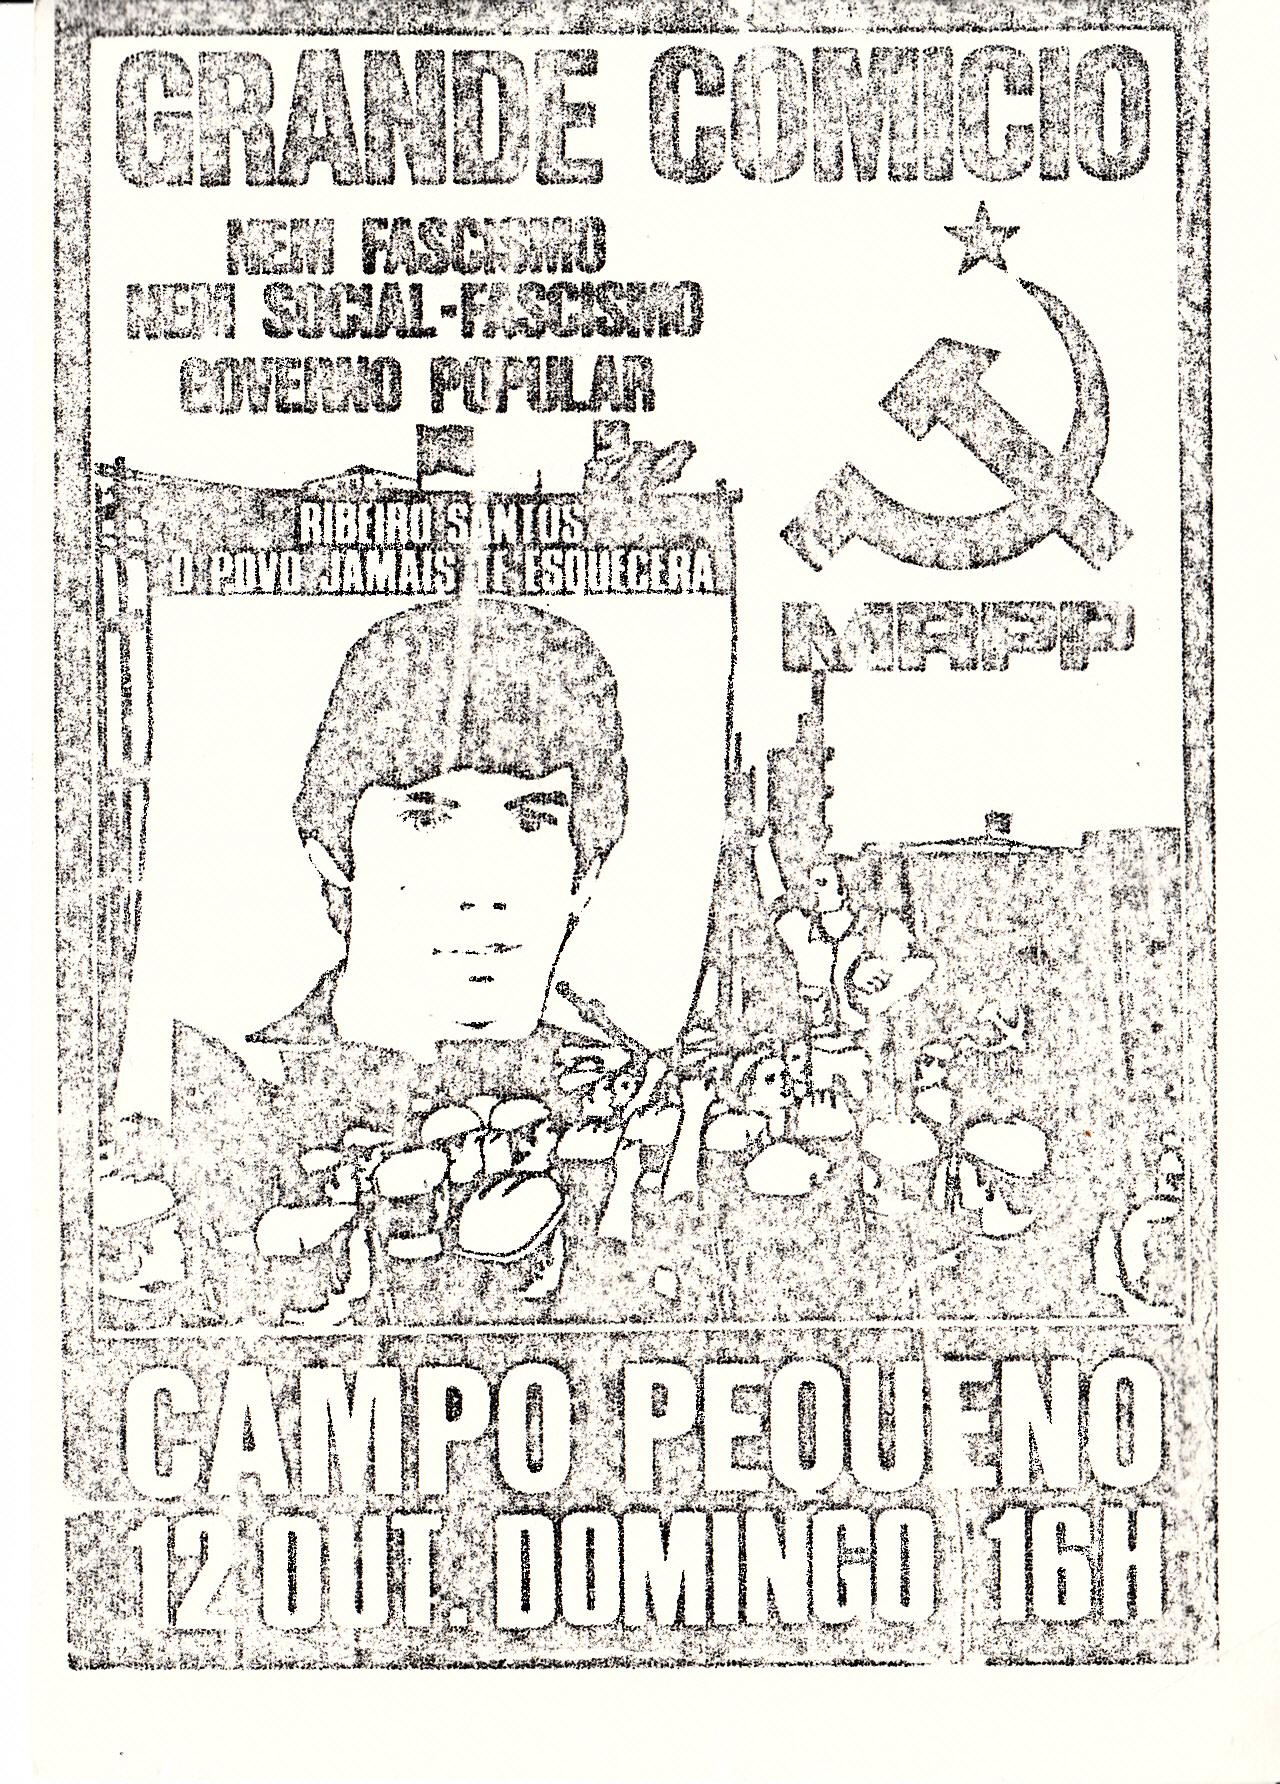 MRPP_1975_10_12_0001